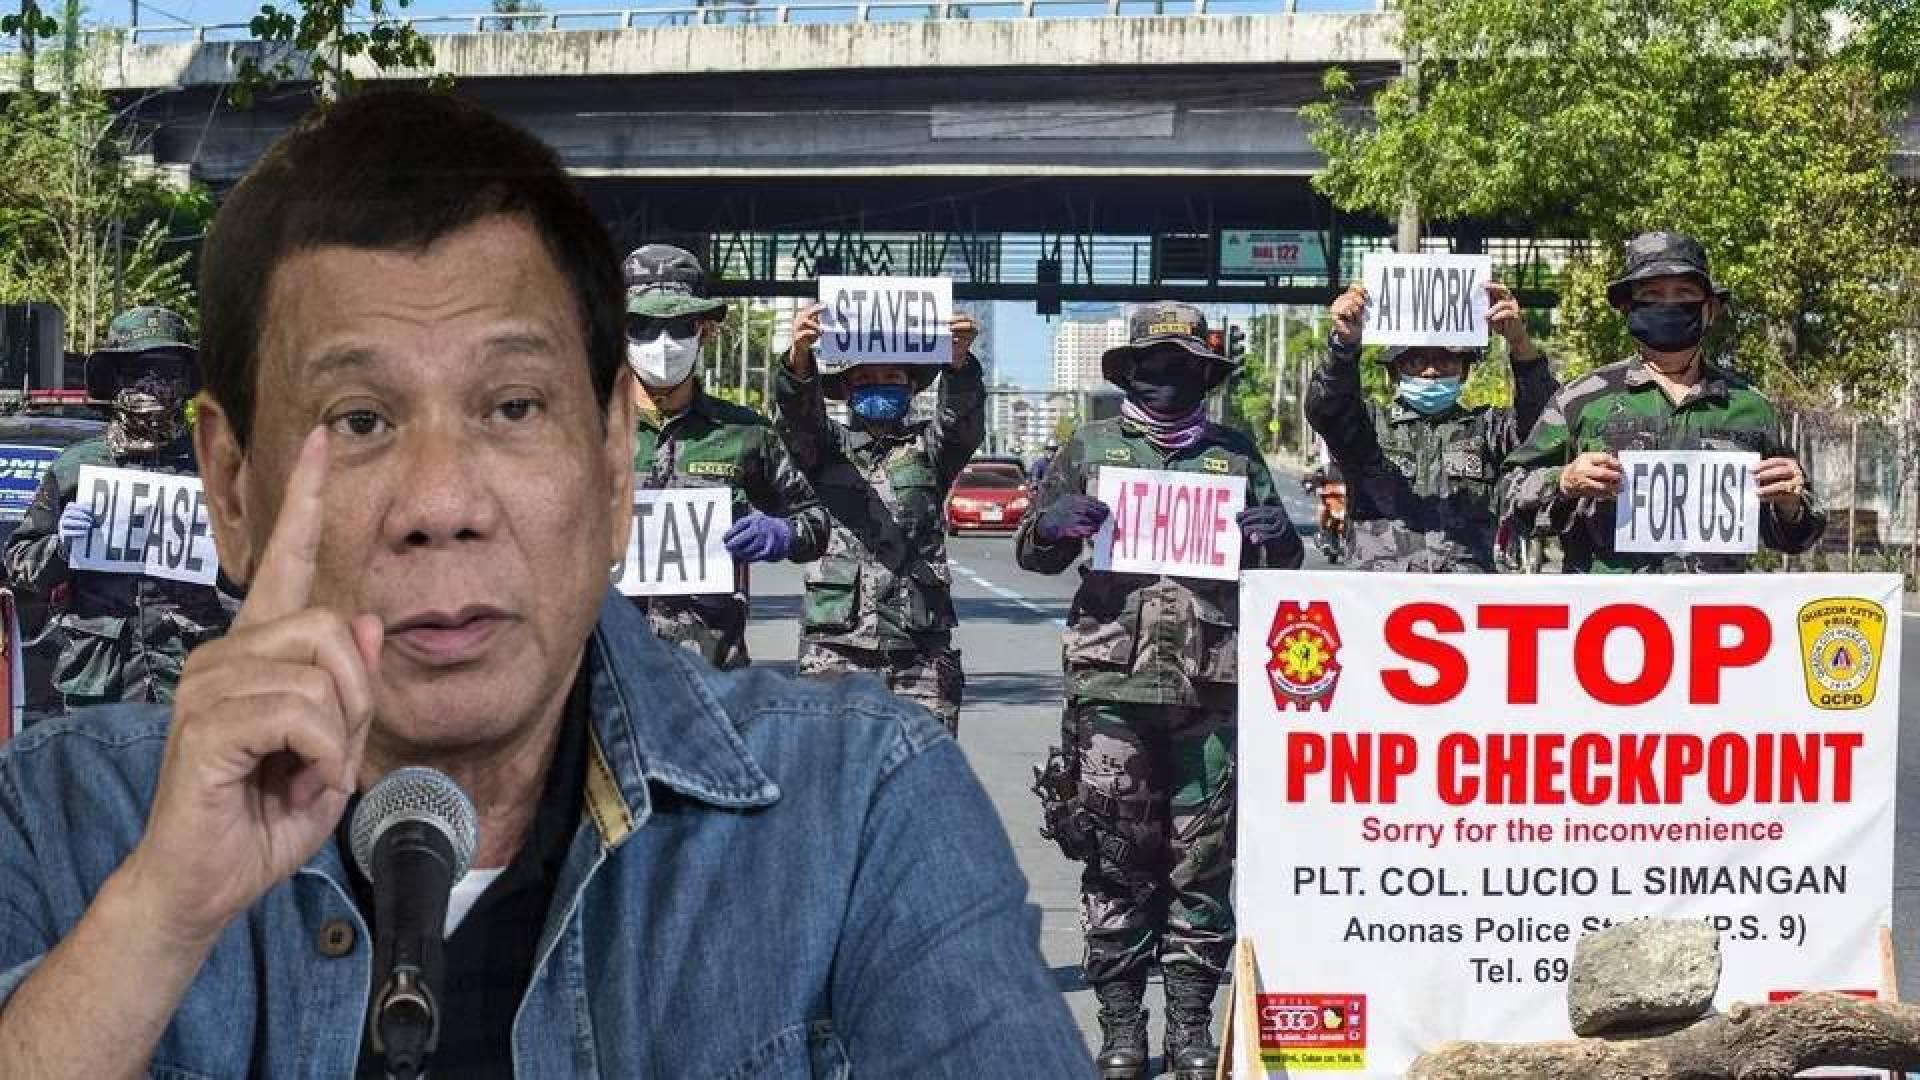 رئيس الفلبين عن مخالفي إجراءات العزل الصحي: اقتلوهم رمياً بالرصاص